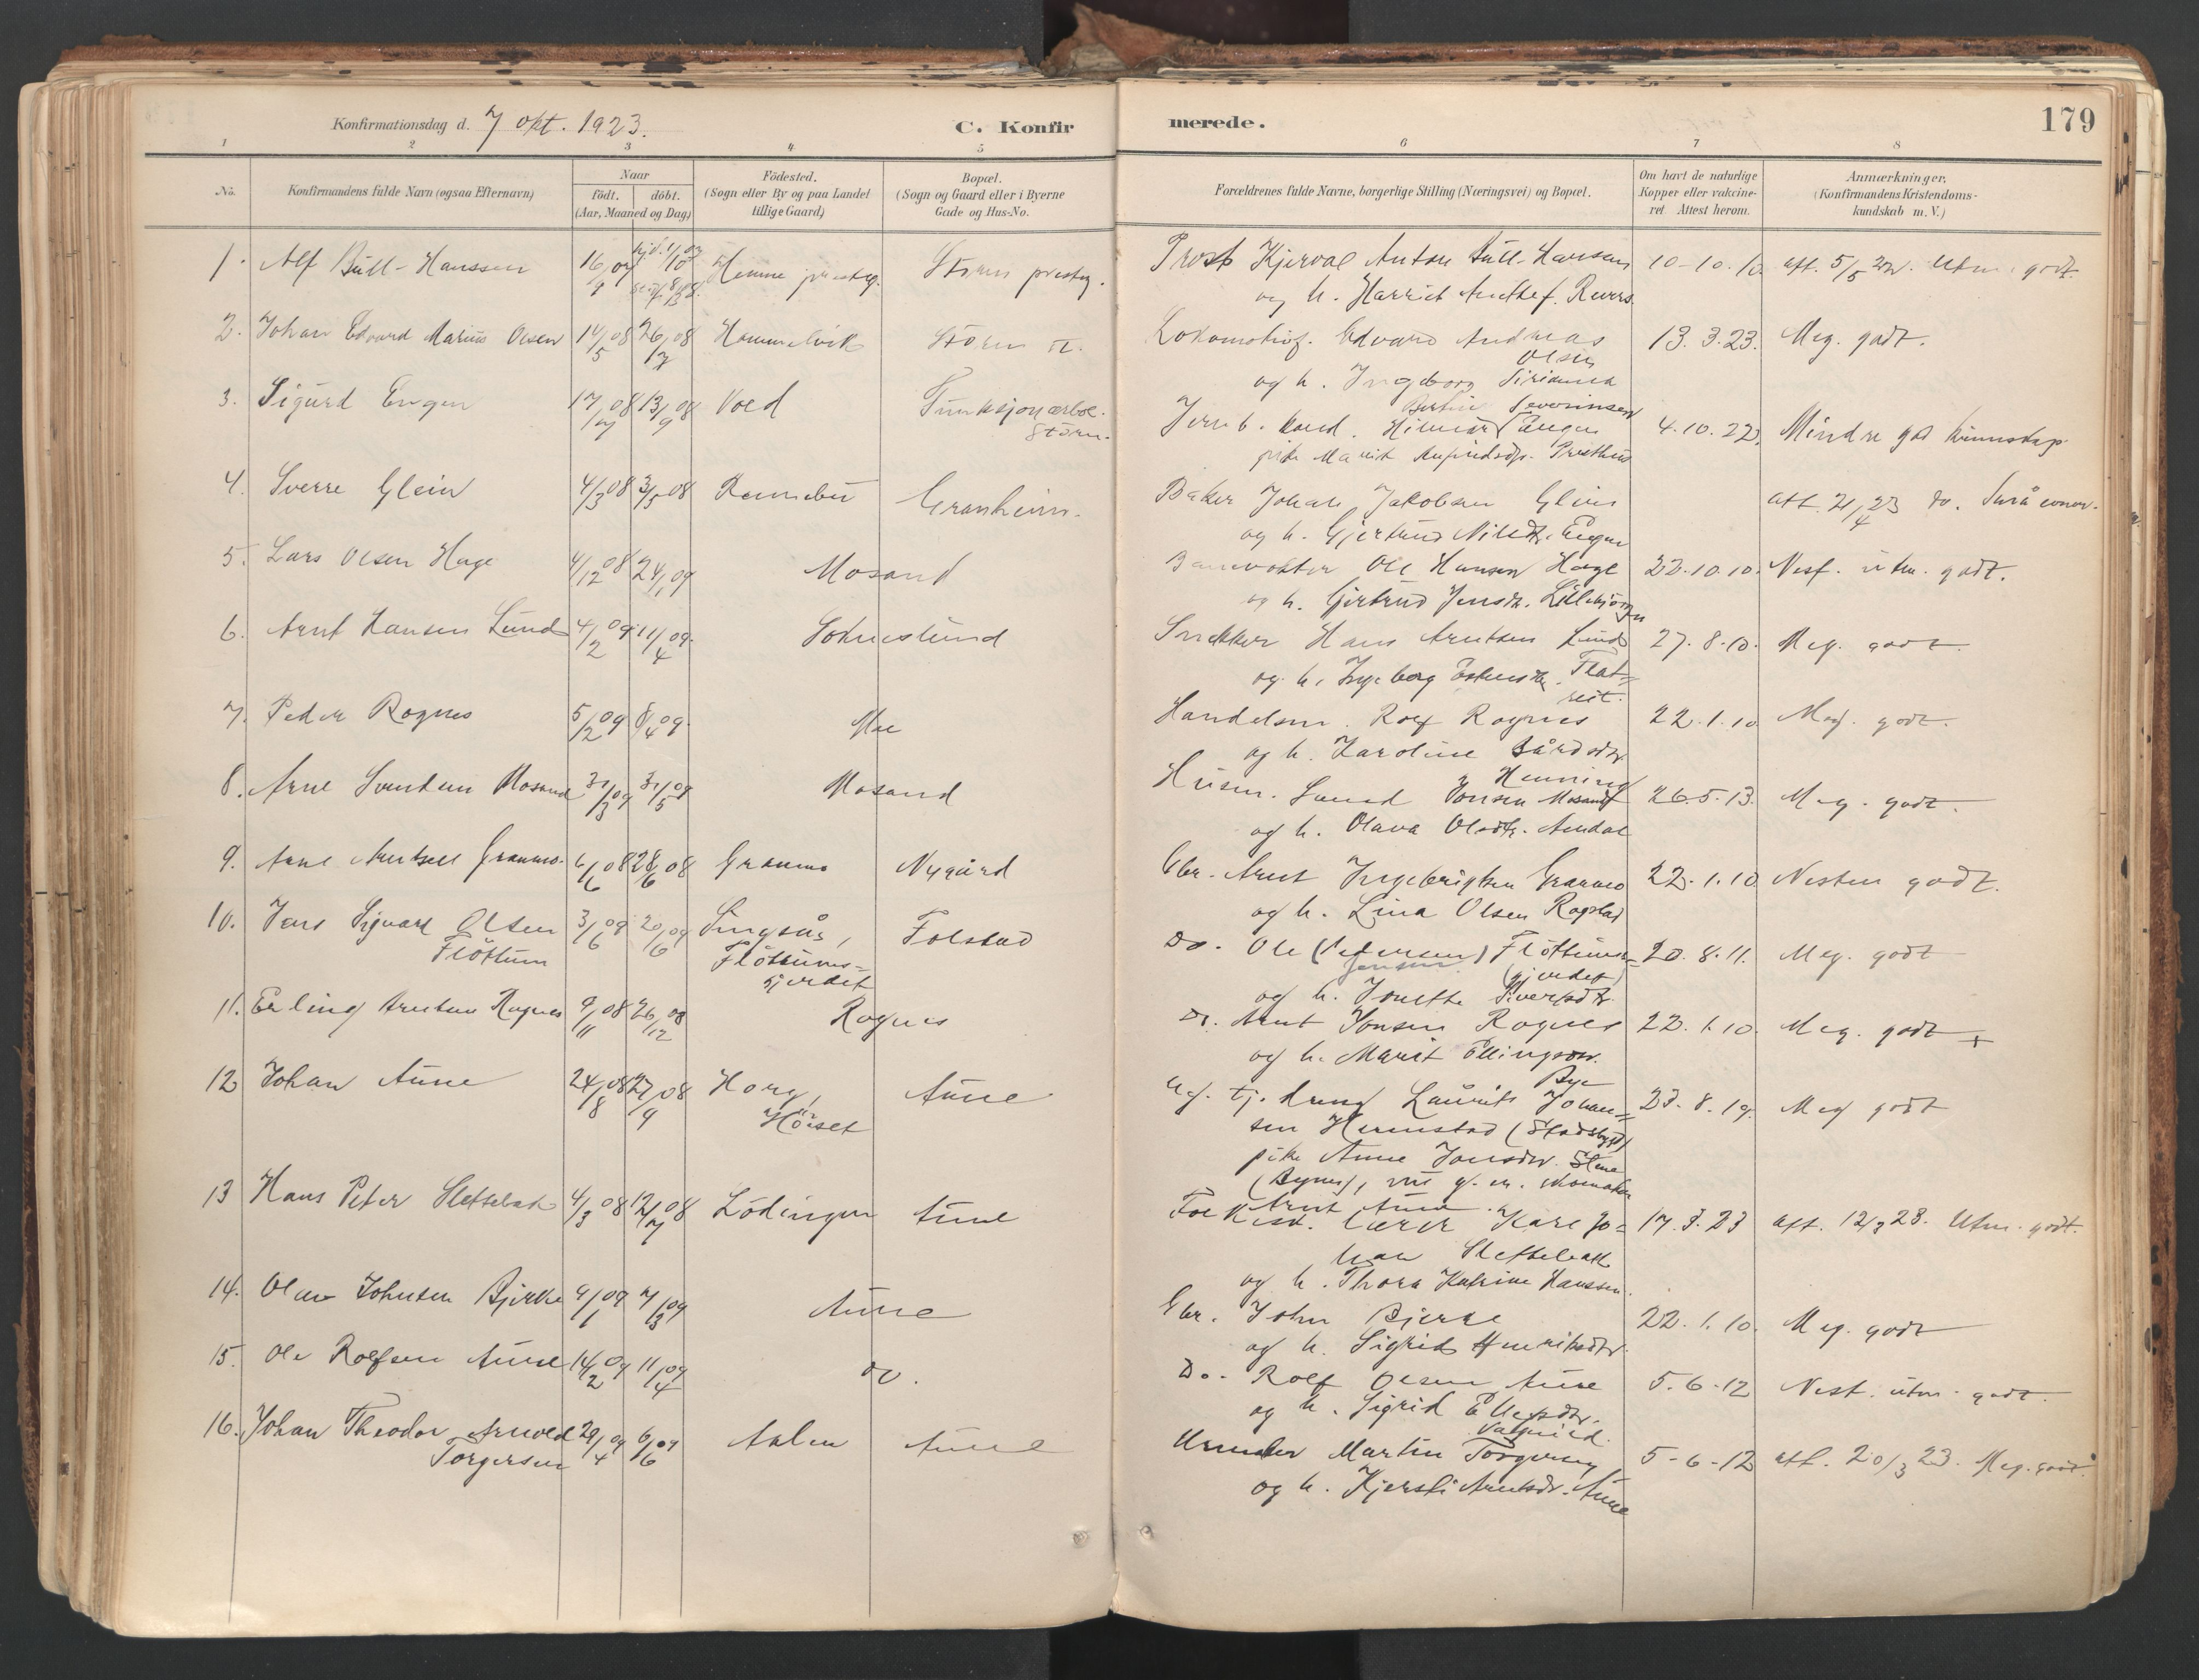 SAT, Ministerialprotokoller, klokkerbøker og fødselsregistre - Sør-Trøndelag, 687/L1004: Ministerialbok nr. 687A10, 1891-1923, s. 179